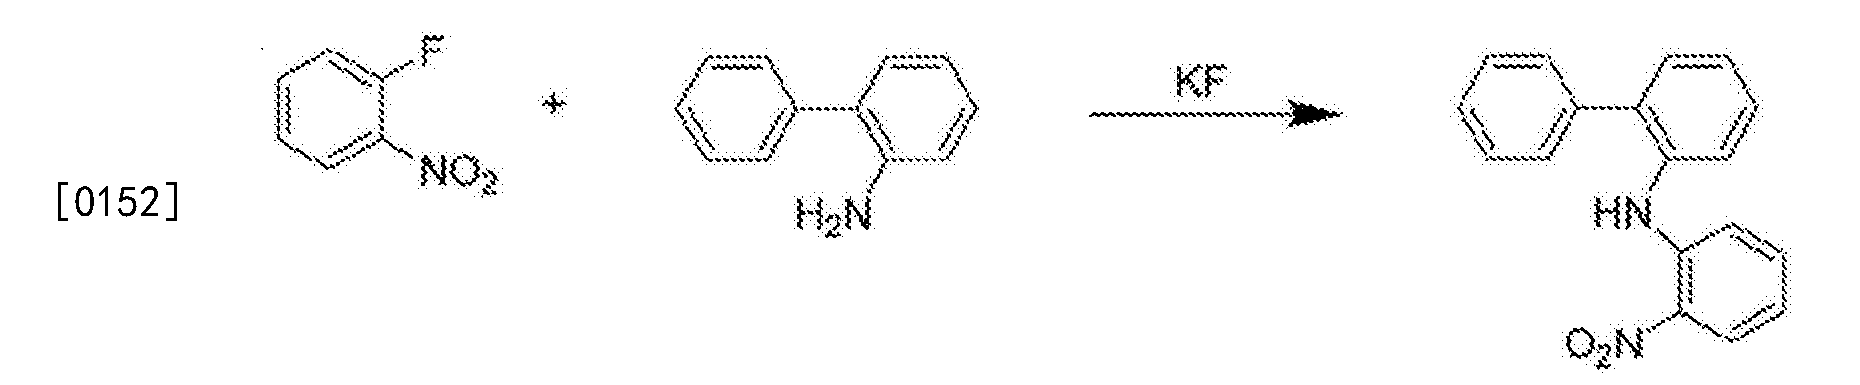 Figure CN103396455BD00522